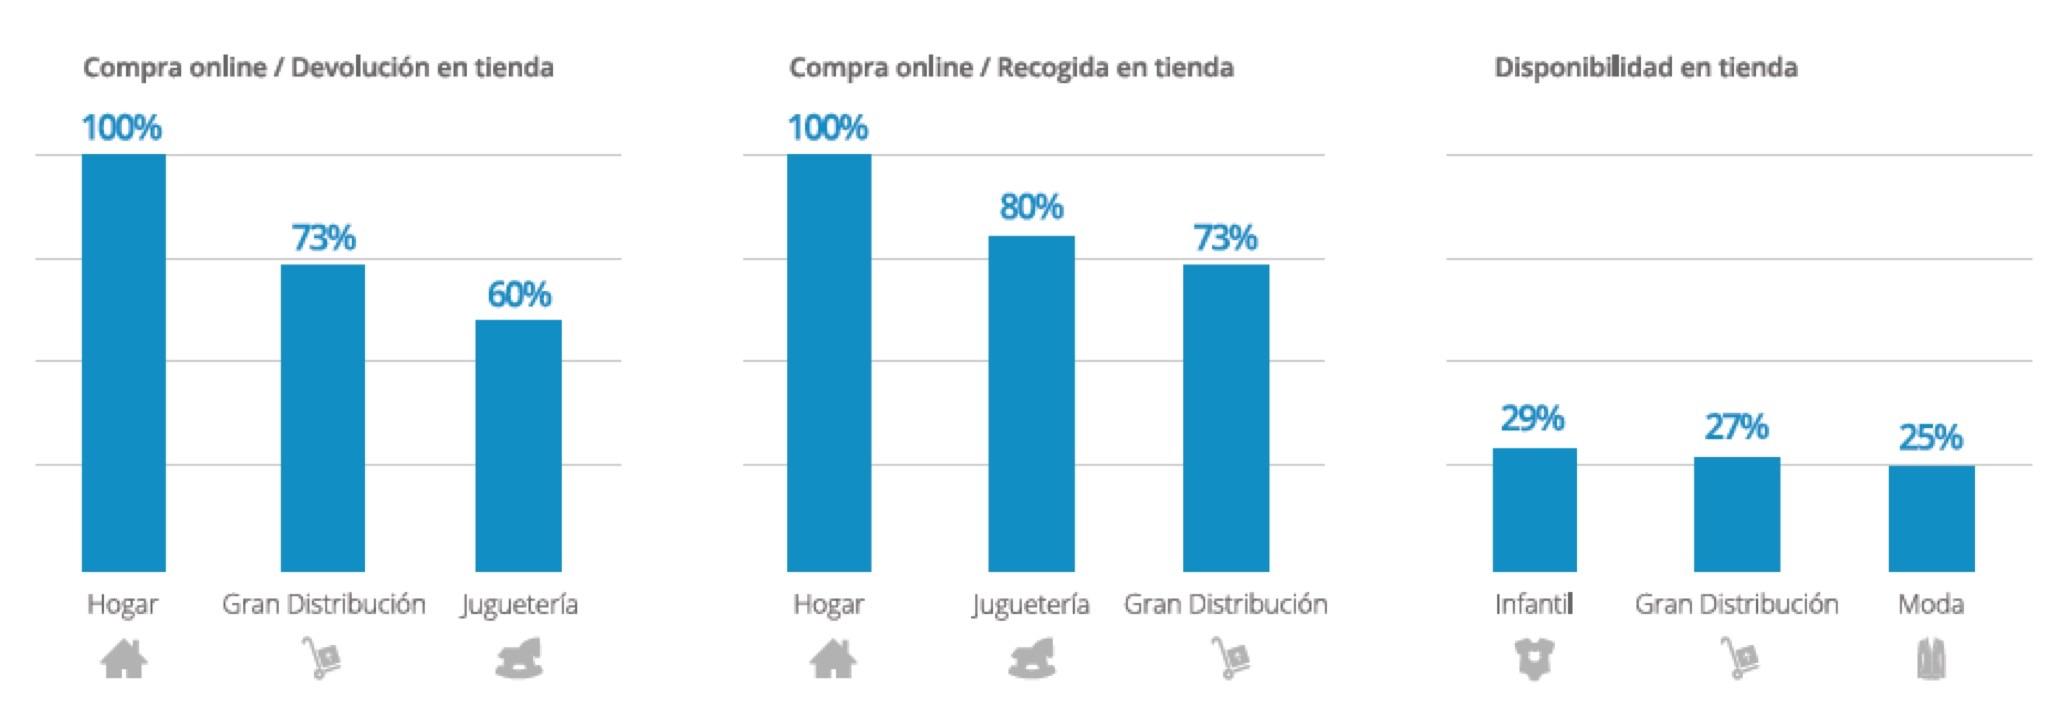 Retail Digital Español: Entrega y Devolución